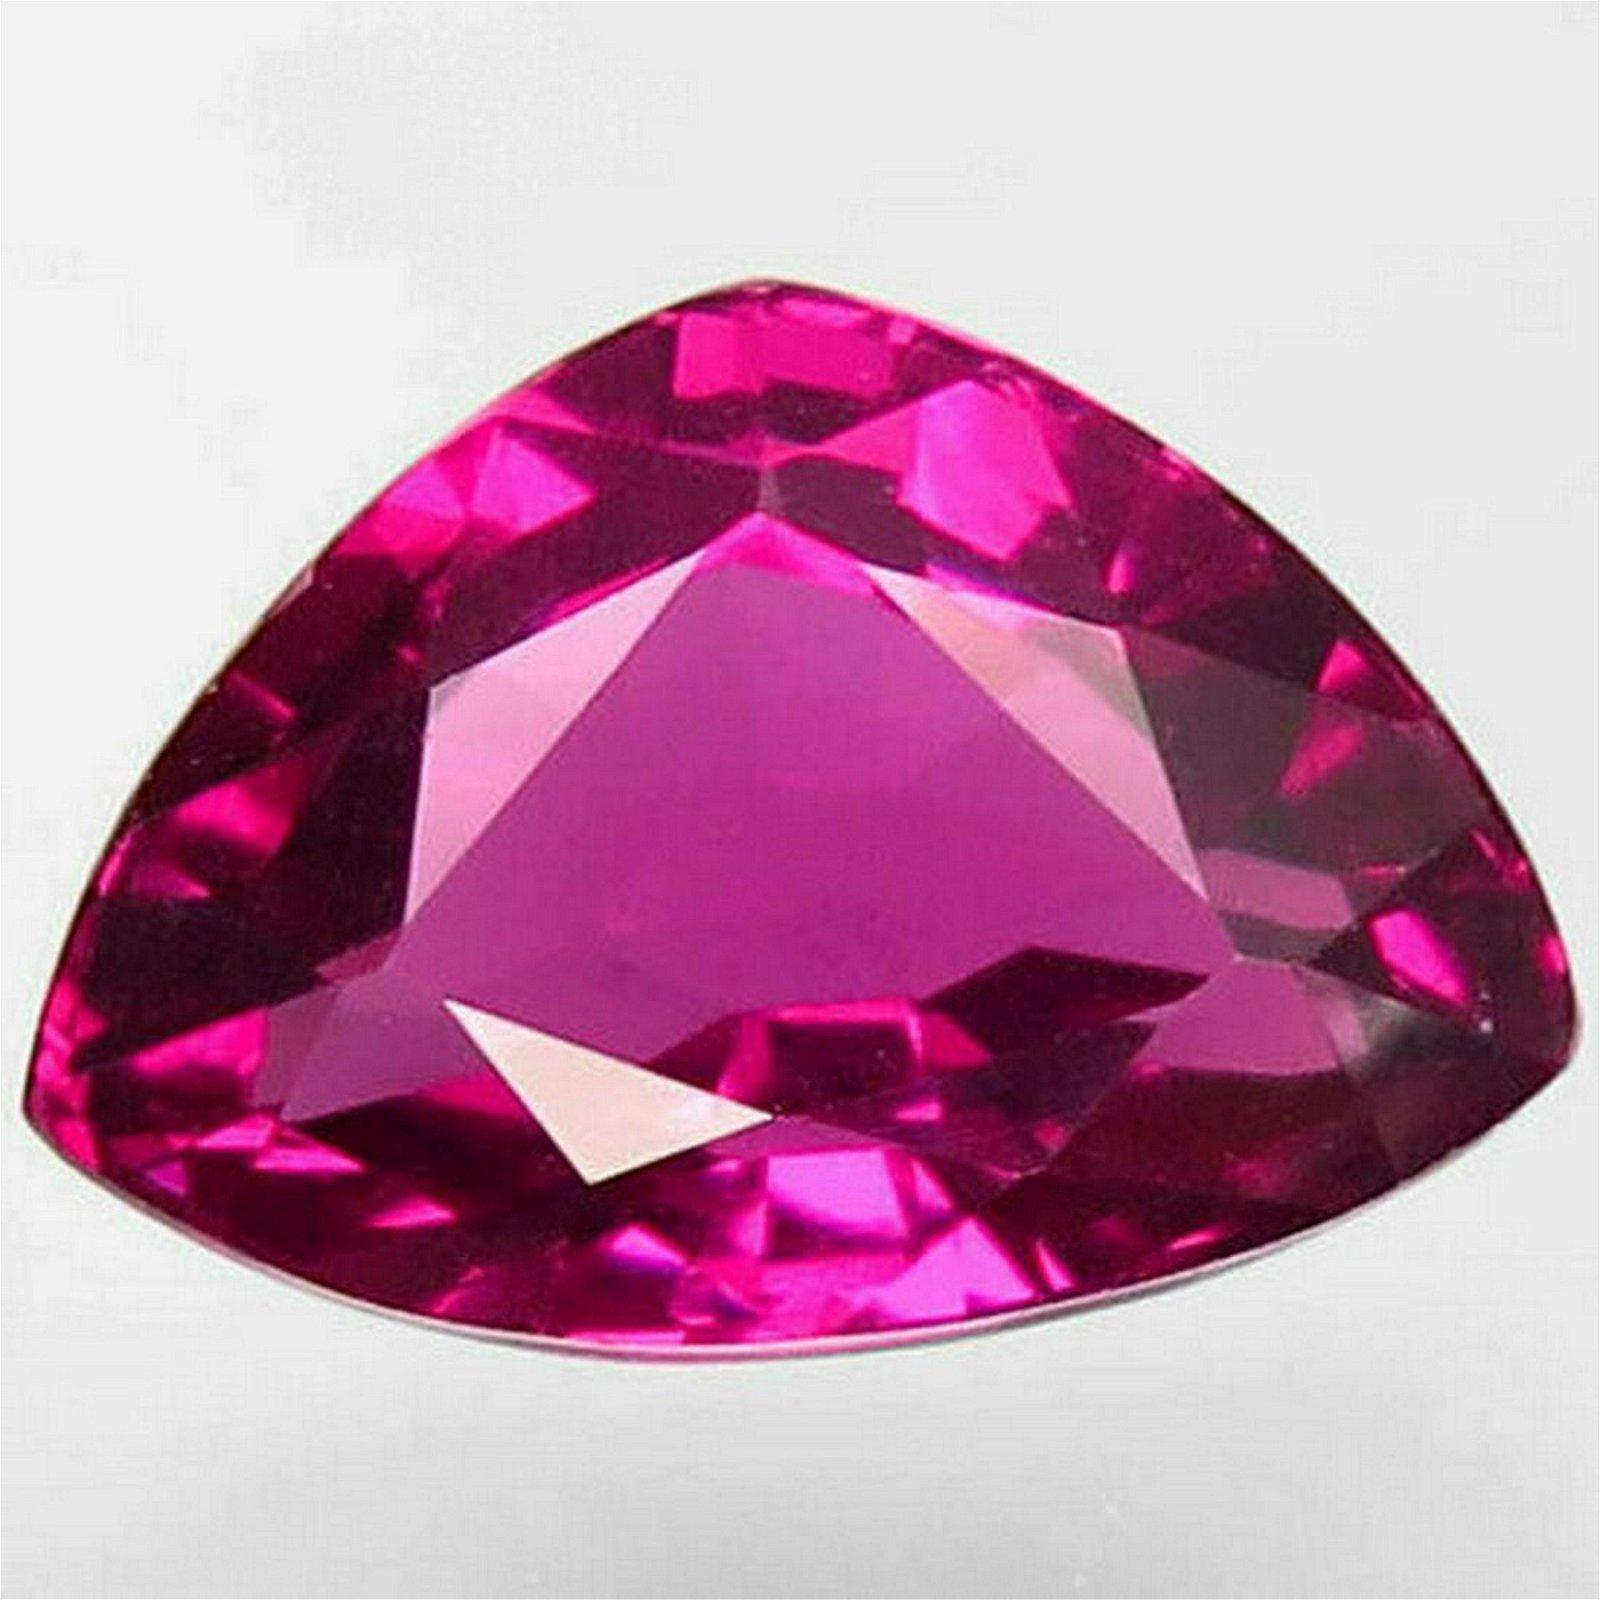 4,69 ct Natural Purplish Pink Rhodolite Garnet 4,69 ct